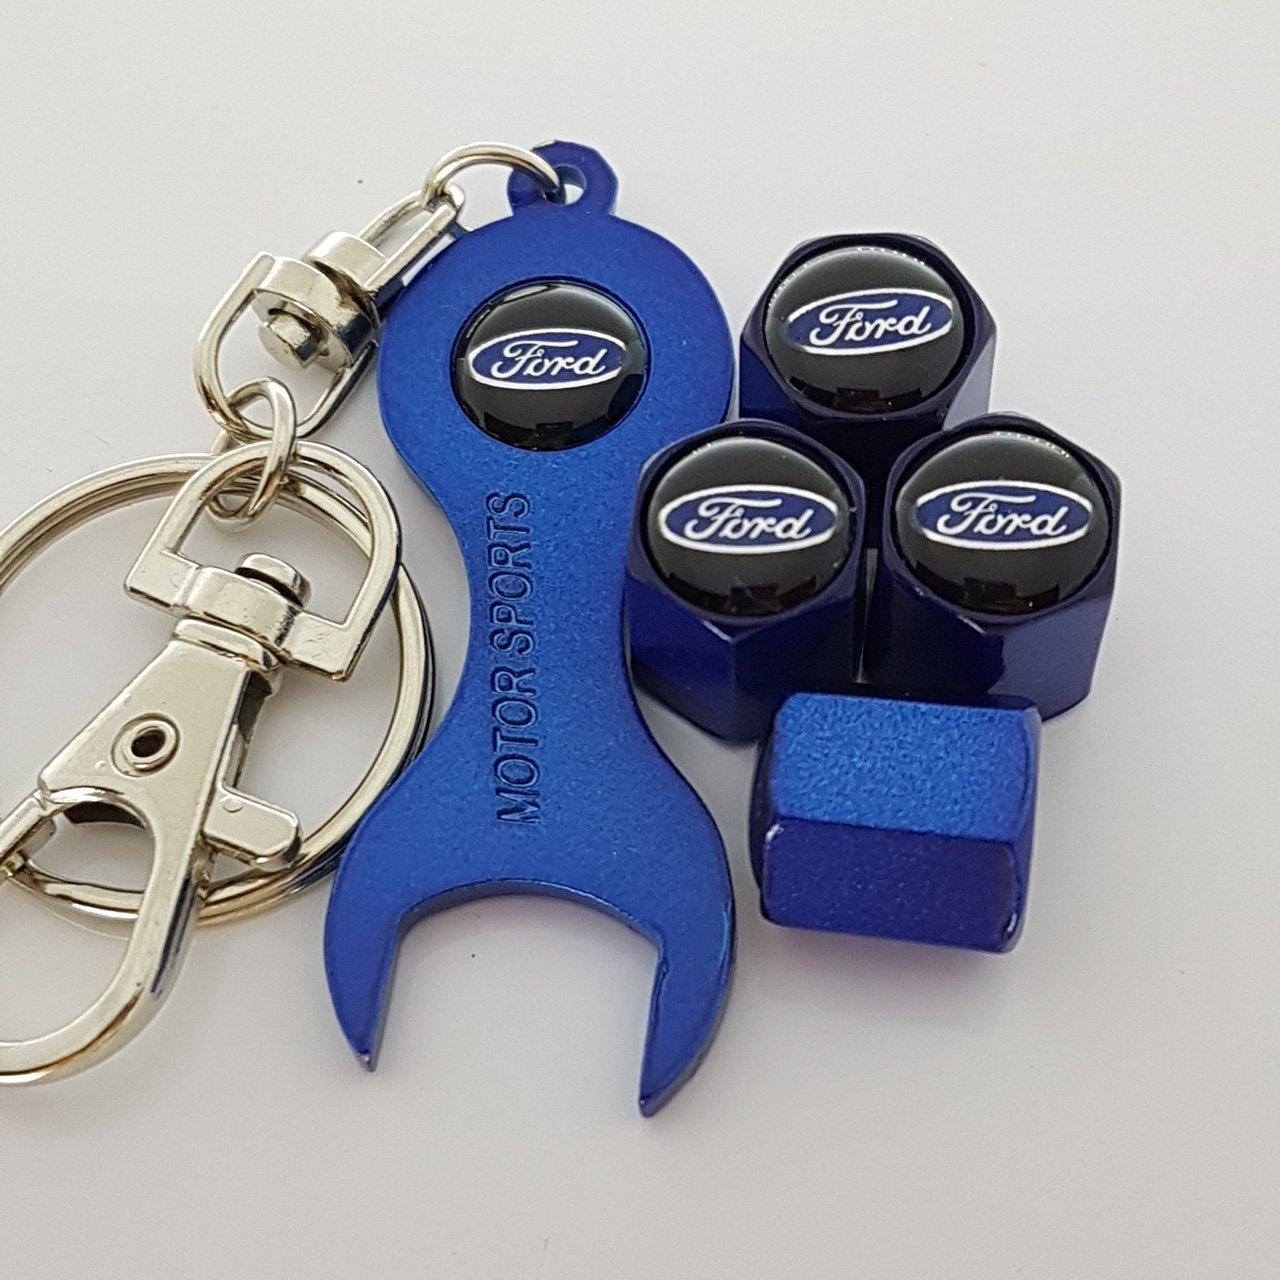 Bouchons de protection FORD soupape bleue avec trousseau de clé double face logo s'adapte à tous les modèles